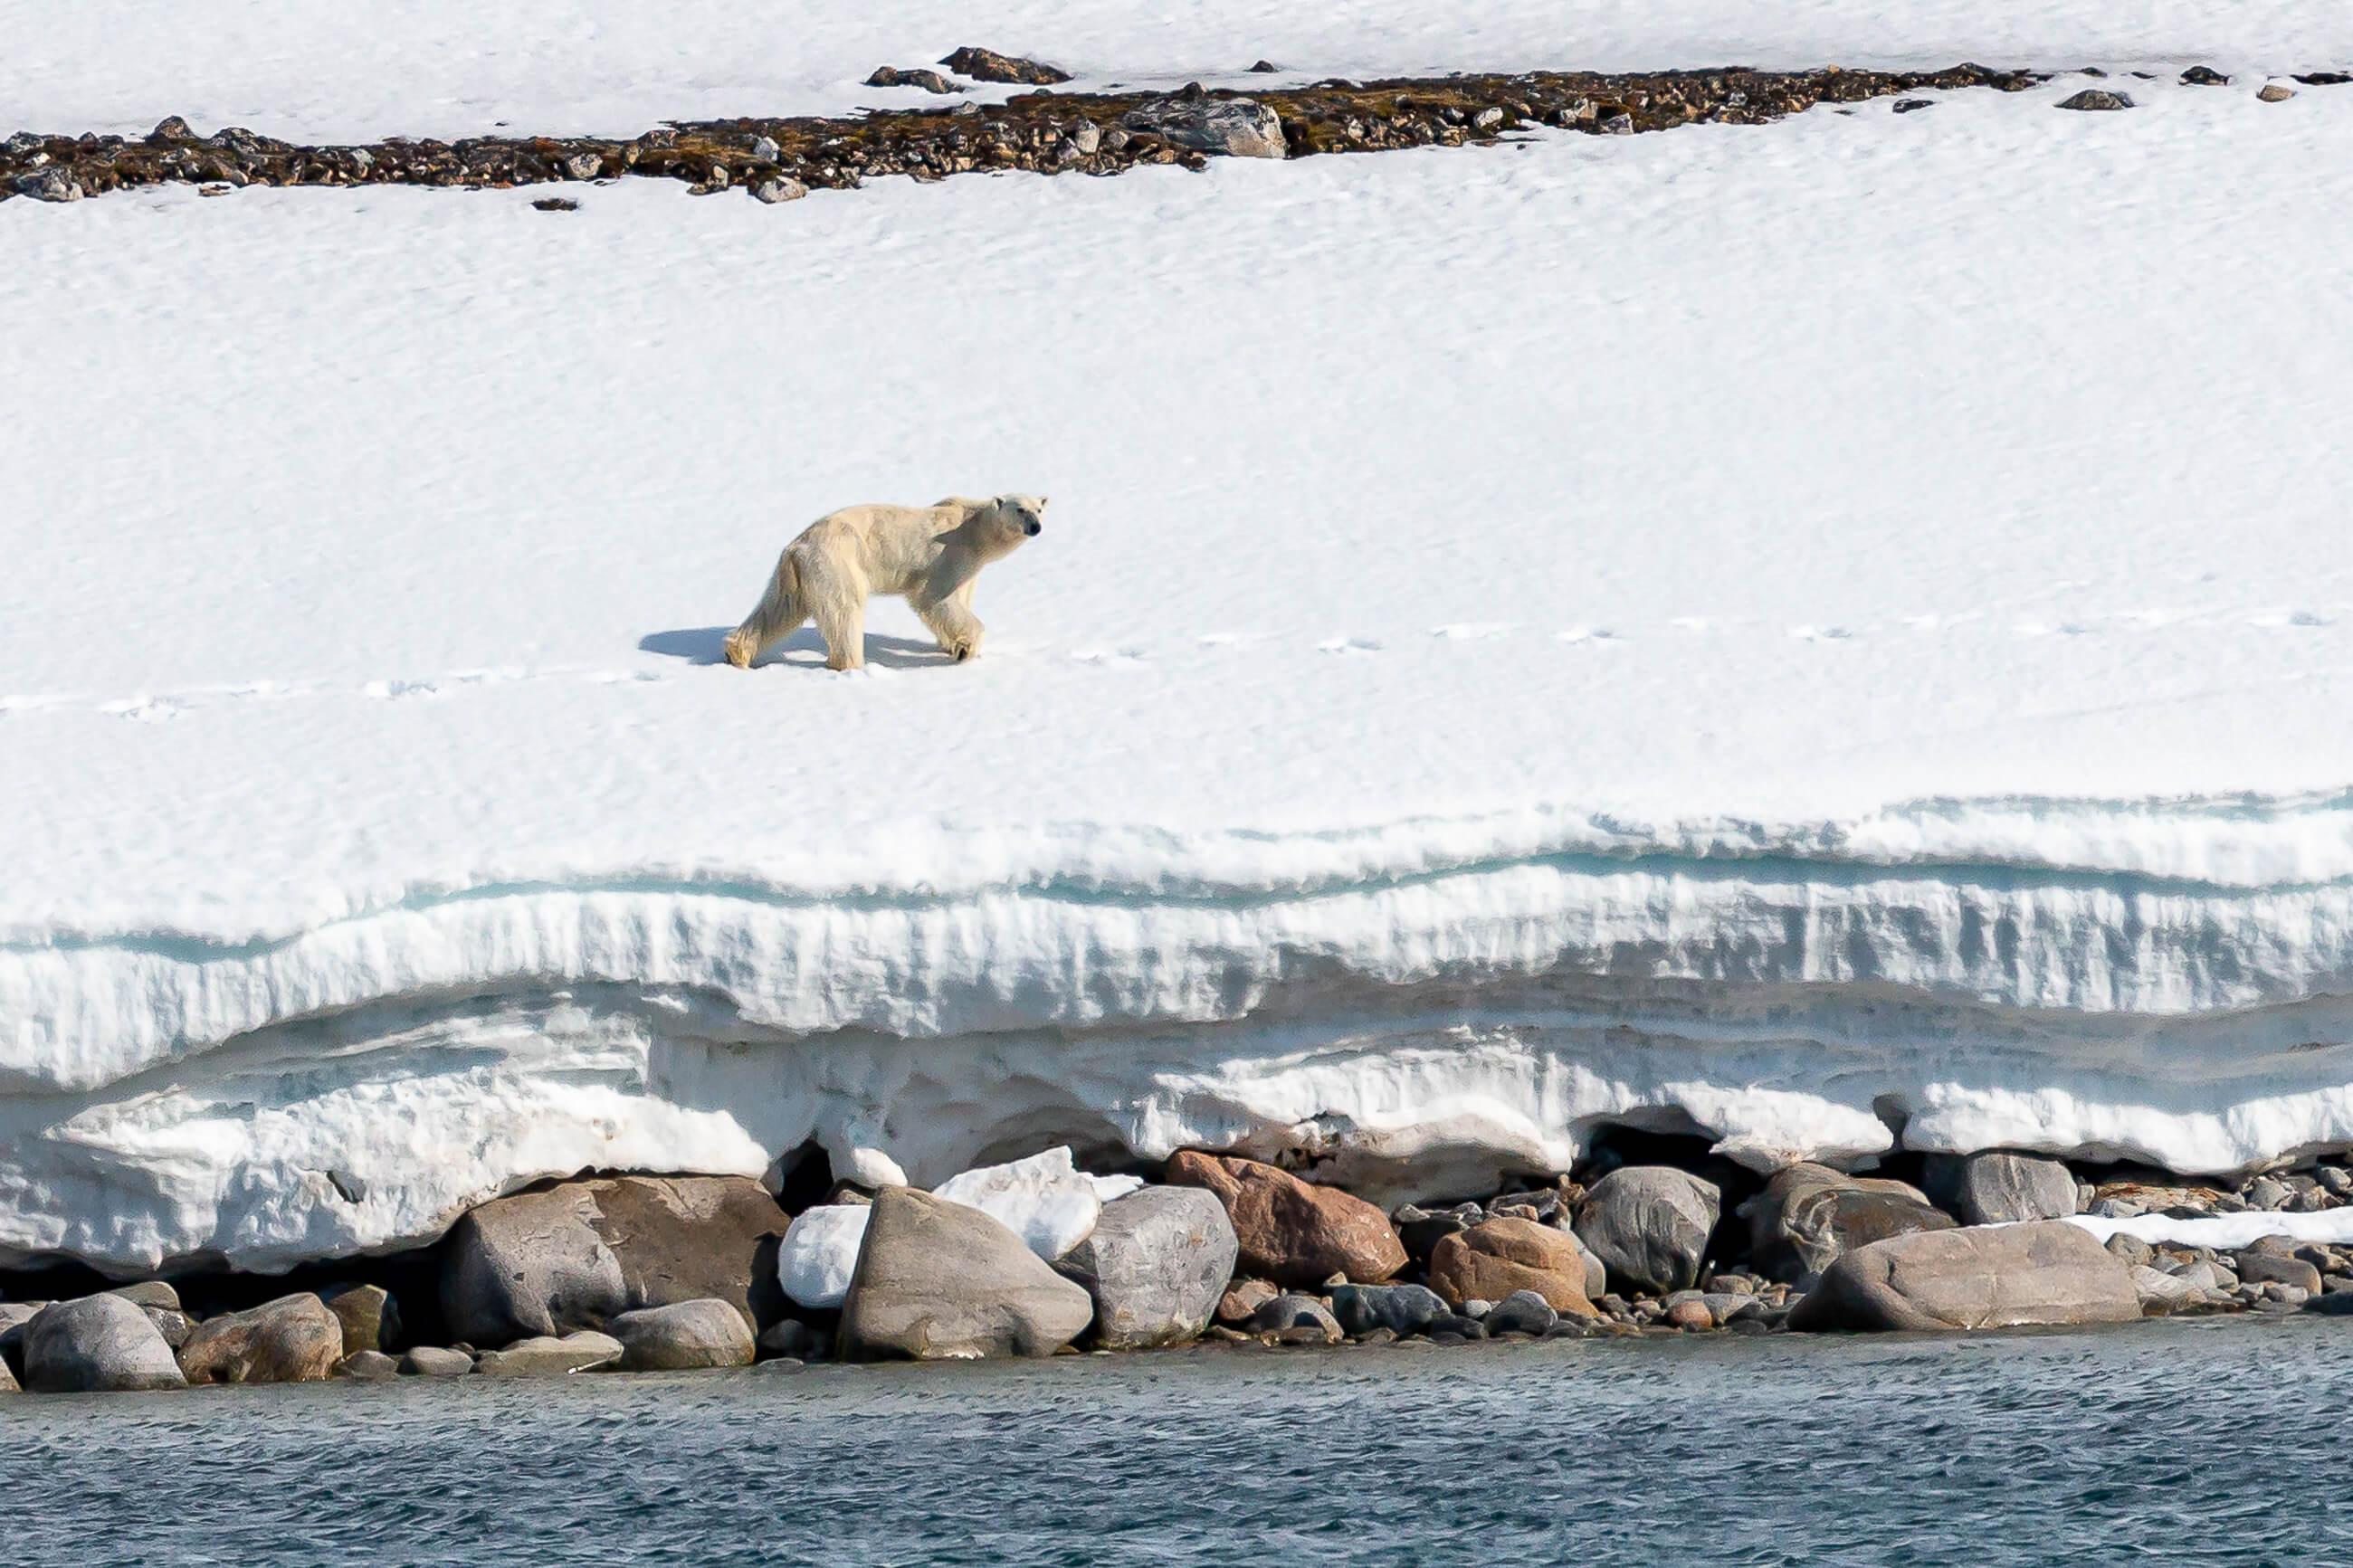 https://bubo.sk/uploads/galleries/7362/polar-bear-smeerenburg-svalbard-hgr-136956--photo_andrea_klaussner-49.jpg